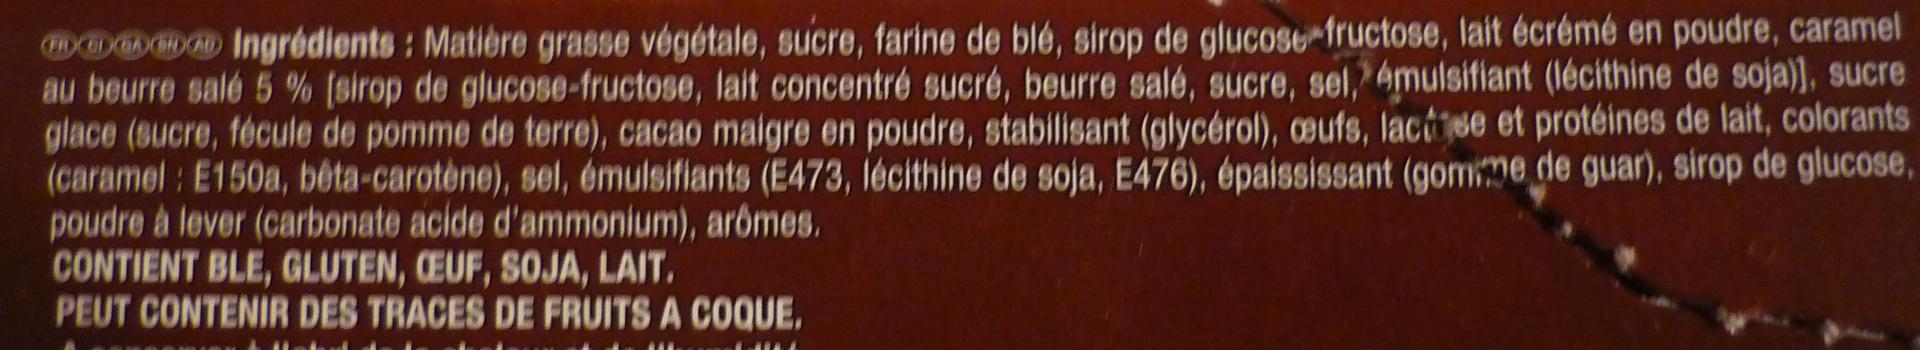 Napolitain Caramel beurre salé - Ingrédients